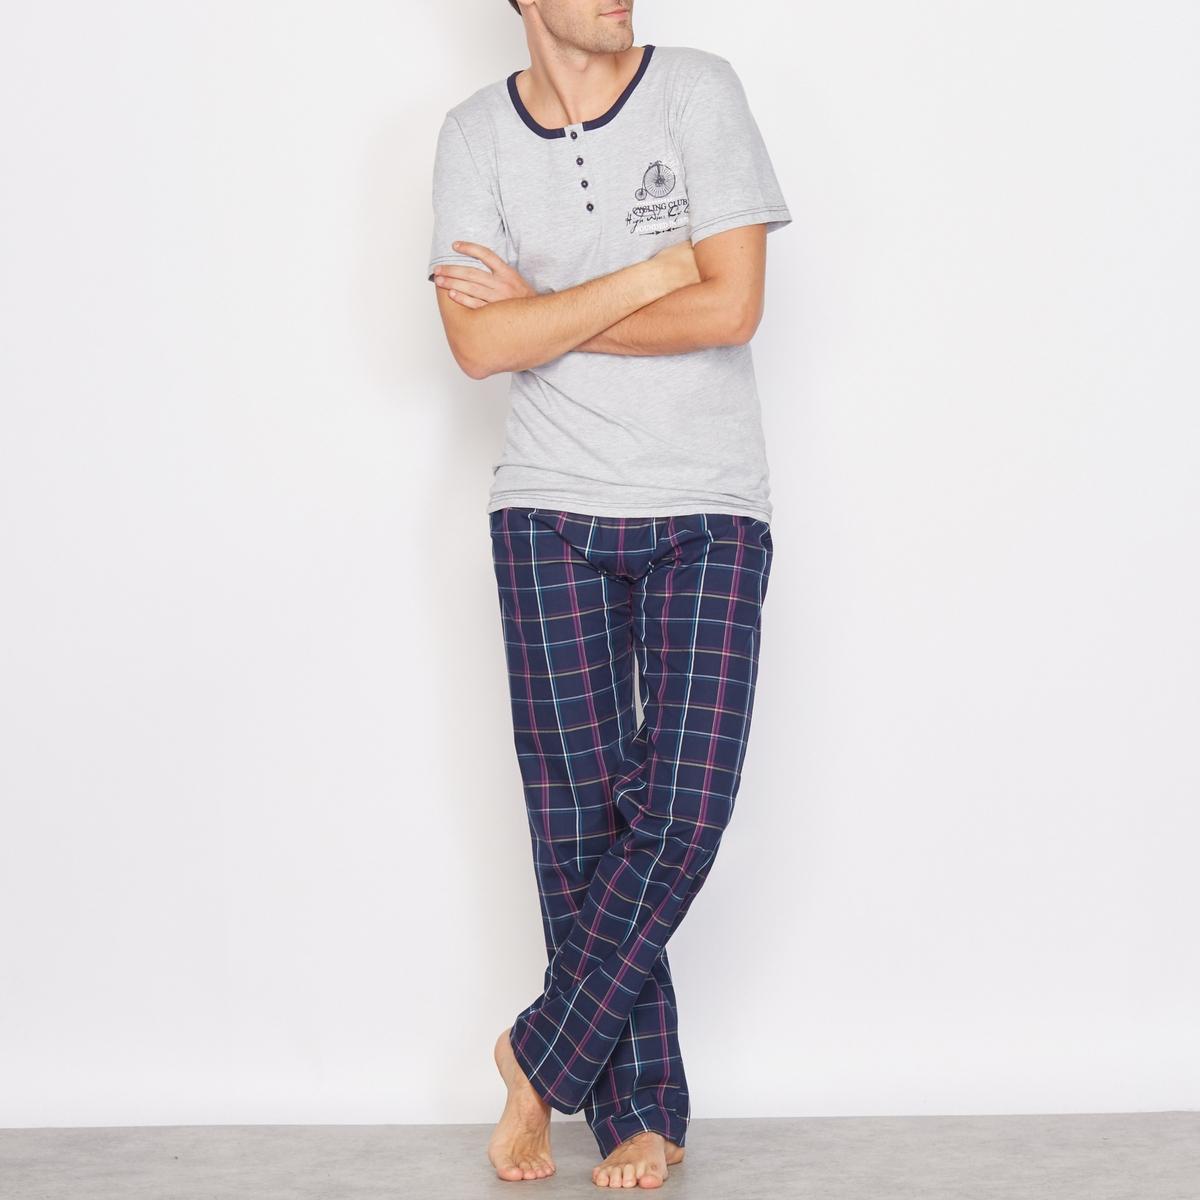 Пижама из двух материаловПижама . Современная и комфортная пижама с очень удачным сочетанием материалов . Футболка из джерси 90% хлопка, 10% полиэстера : короткие рукава, тунисский вырез с 4 пуговицами, принт на груди . Брюки из ткани в клетку 100% хлопка  : эластичный пояс, 2 боковых кармана .<br><br>Цвет: серый меланж